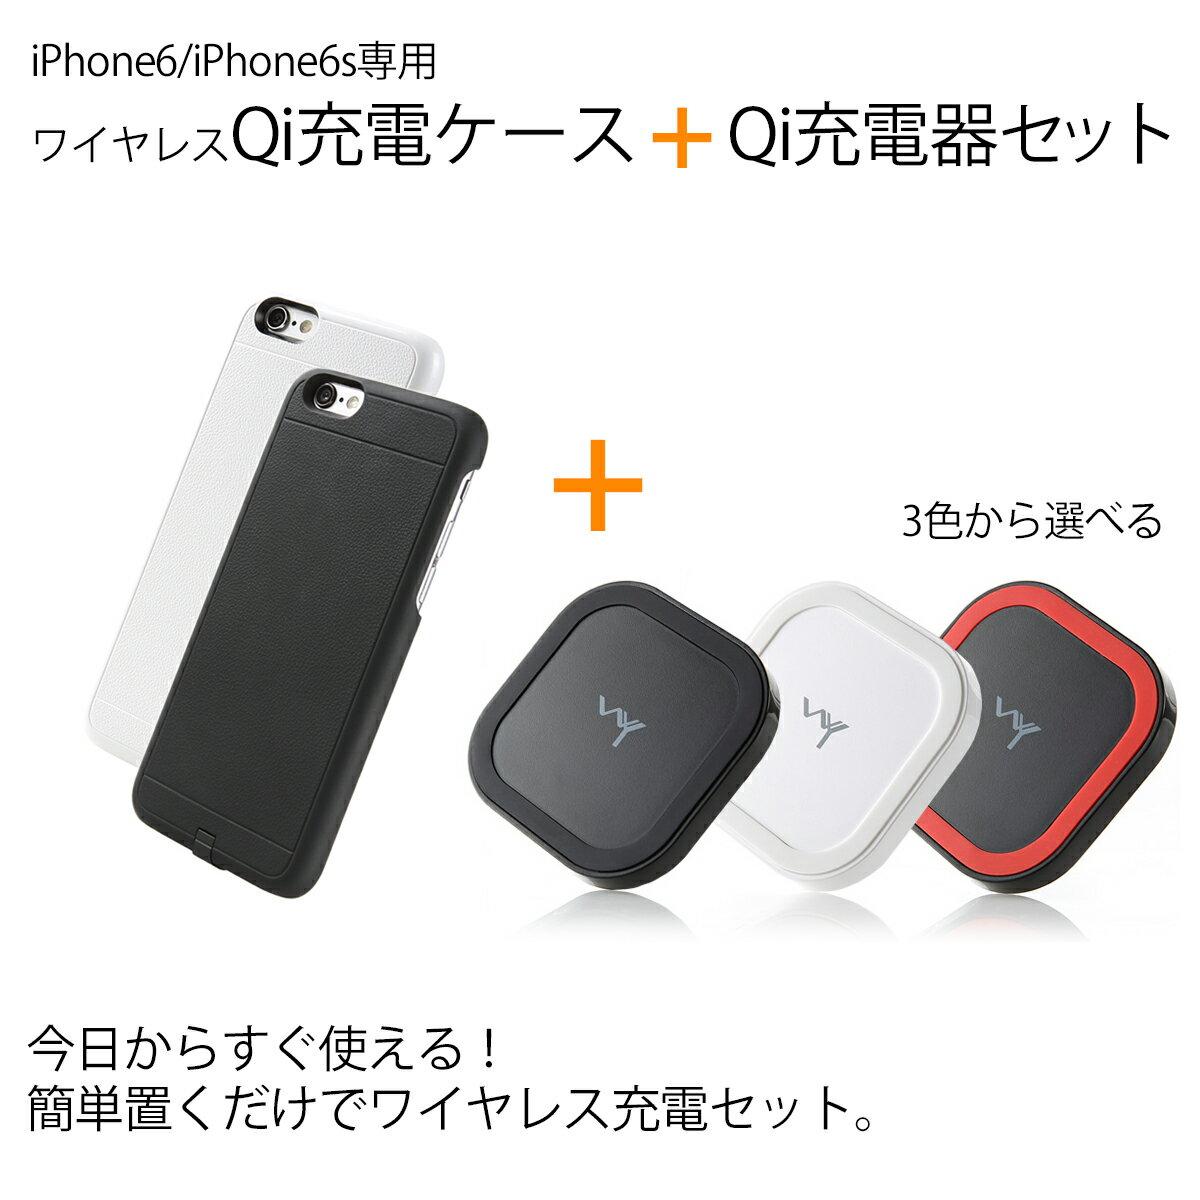 [セット商品]iPhone 6/iPhone 6s専用Qiワイヤレス充電ケース × Qiワイヤレス充電器 アイフォンが軽量スリムのまま チャージングレシーバー iPhoneも置くだけ充電できる WY